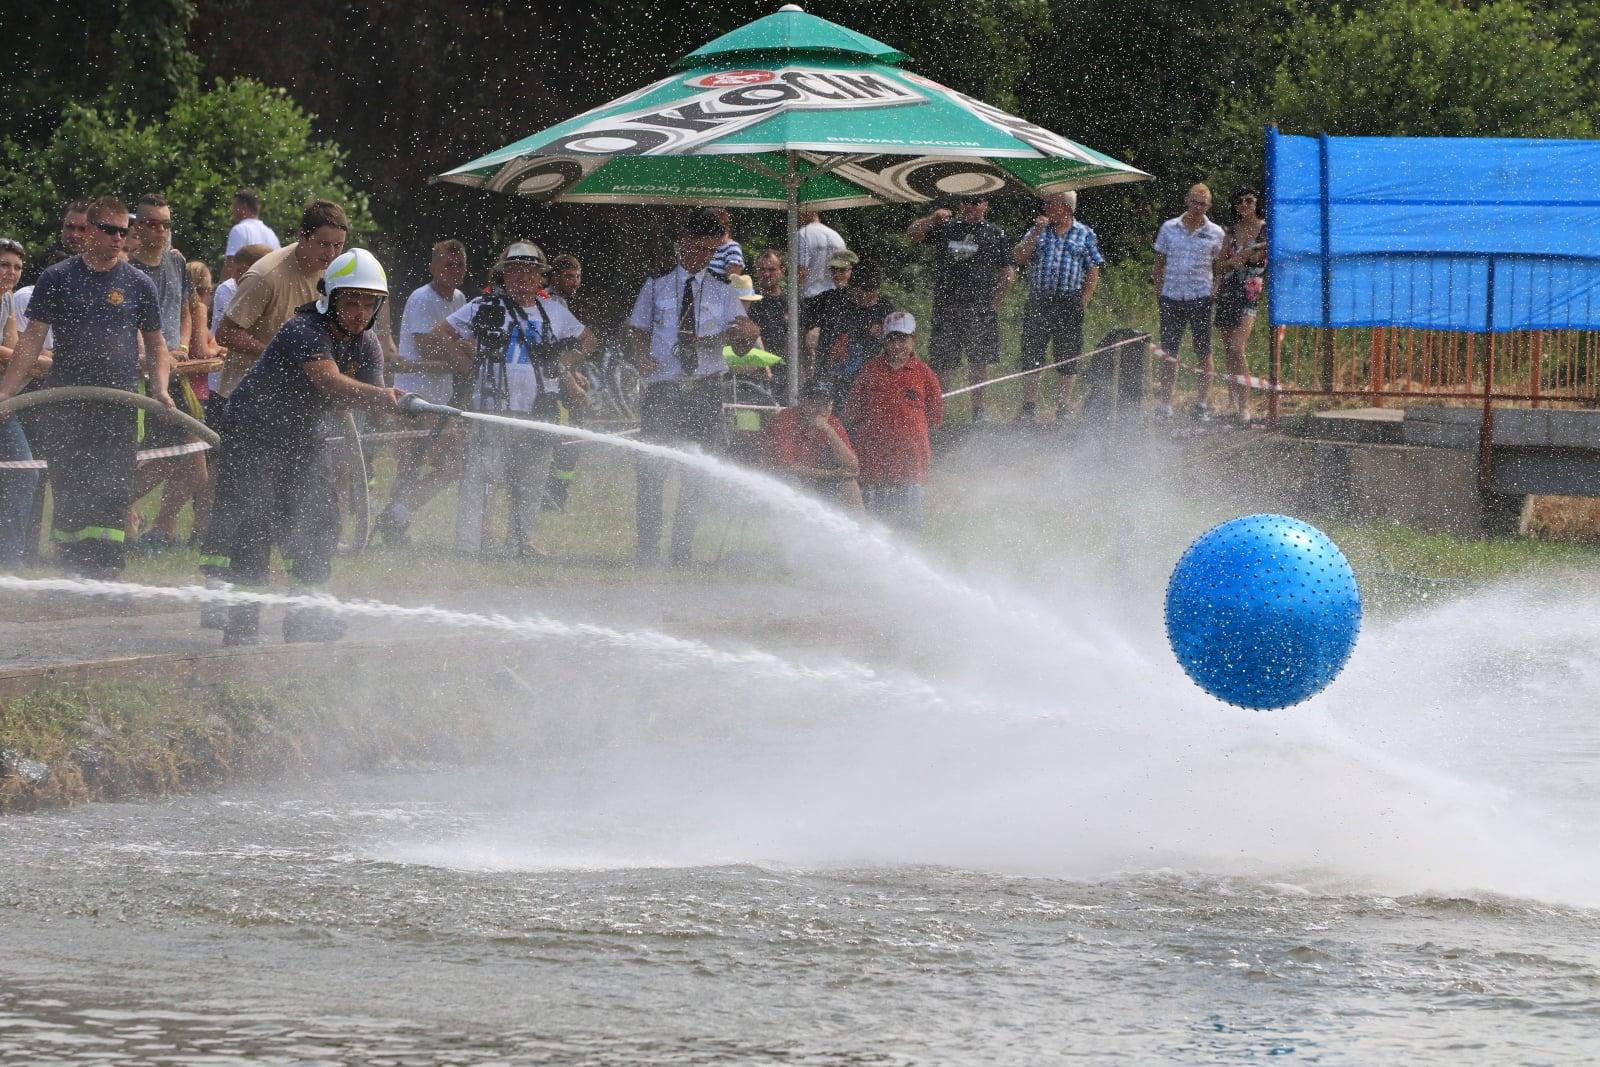 XVIII Międzynarodowy Turniej Piłki Prądowej w Przechodzie